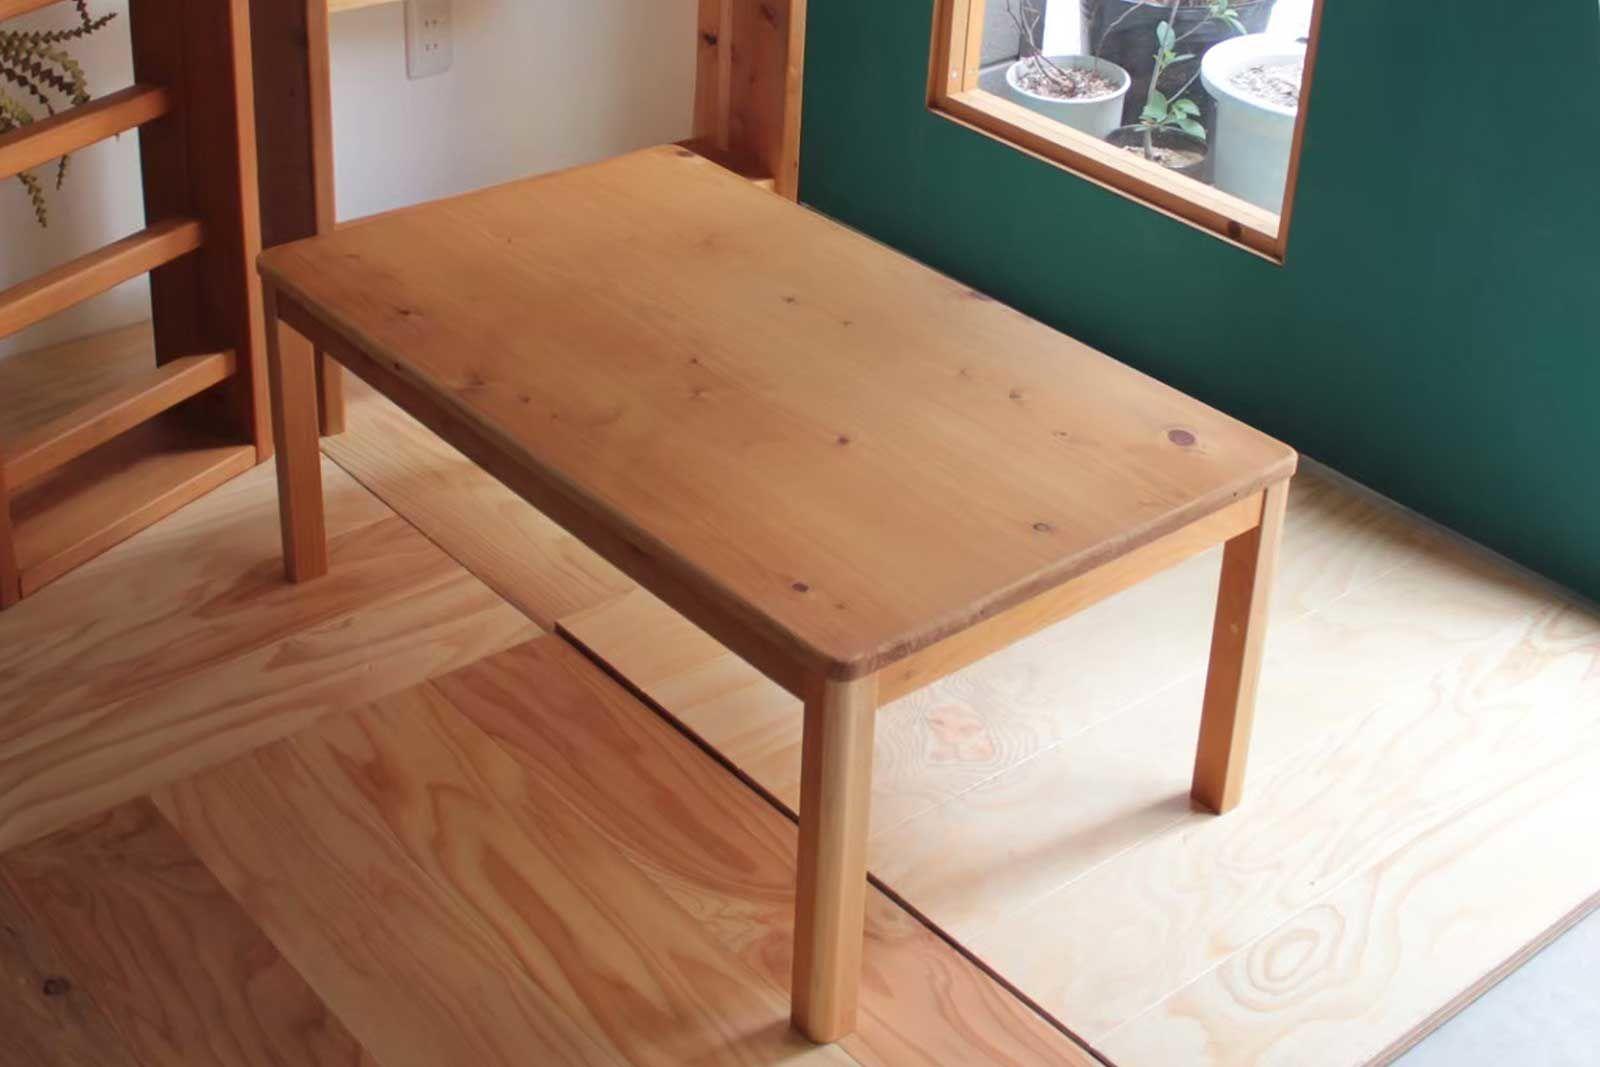 ベビーベッド付属の収納家具の天板を使用して、ローテーブルにリメイク(after)